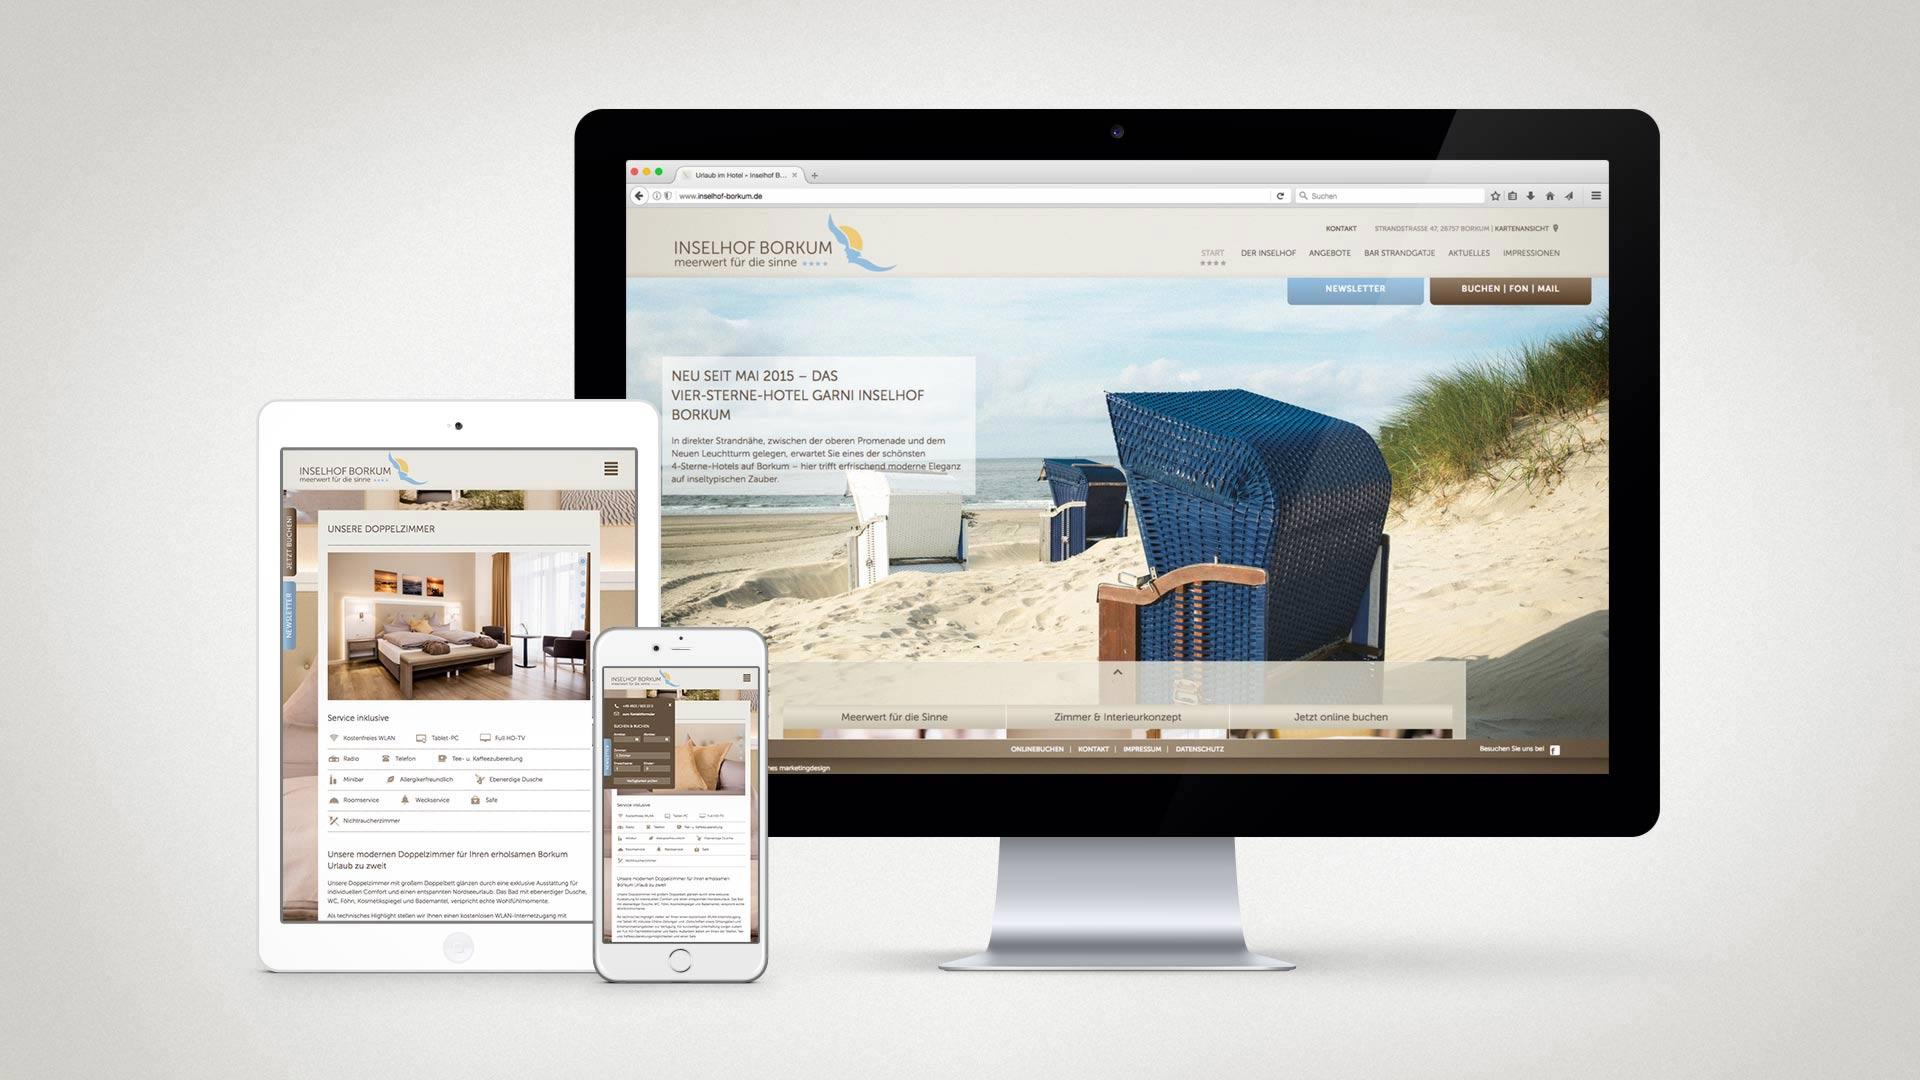 artventura-Projekt Webentwicklung inselhof-borkum.de:Responsive Darstellung auf Desktop, Tablet und Smartphone